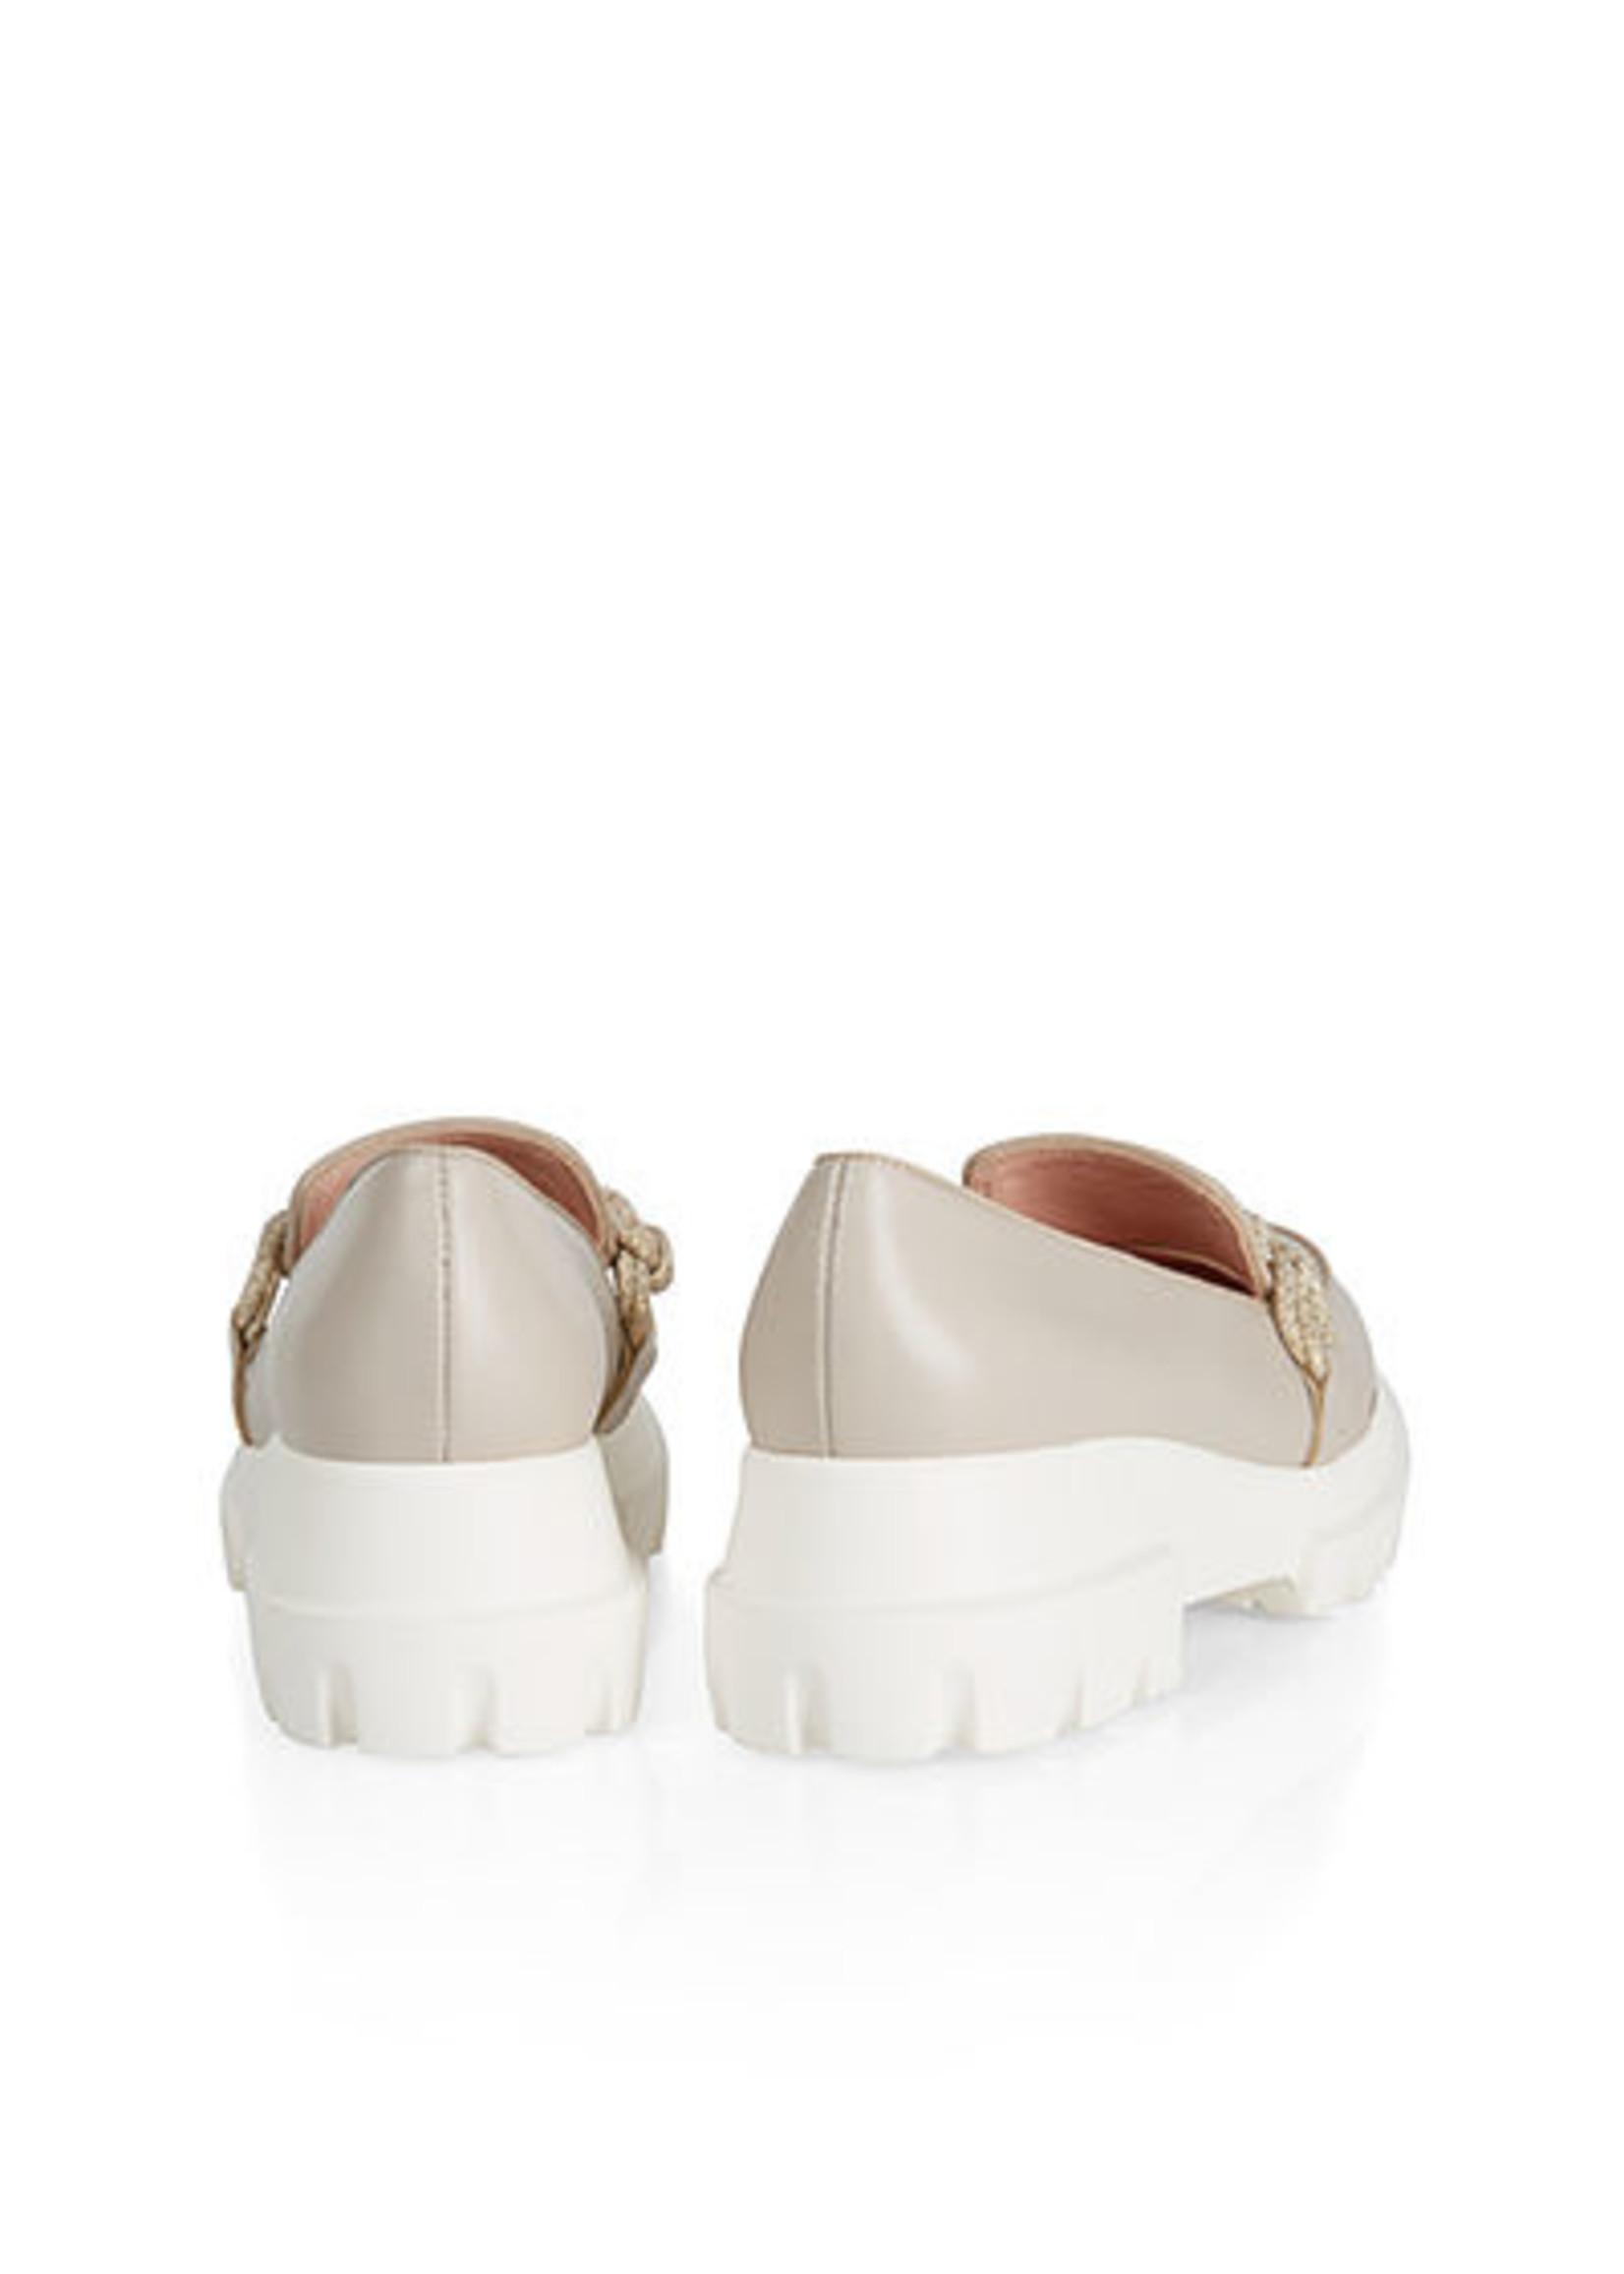 Marccain Bags & Shoes Lage Schoen RB SC.03 L06  latte macchiato